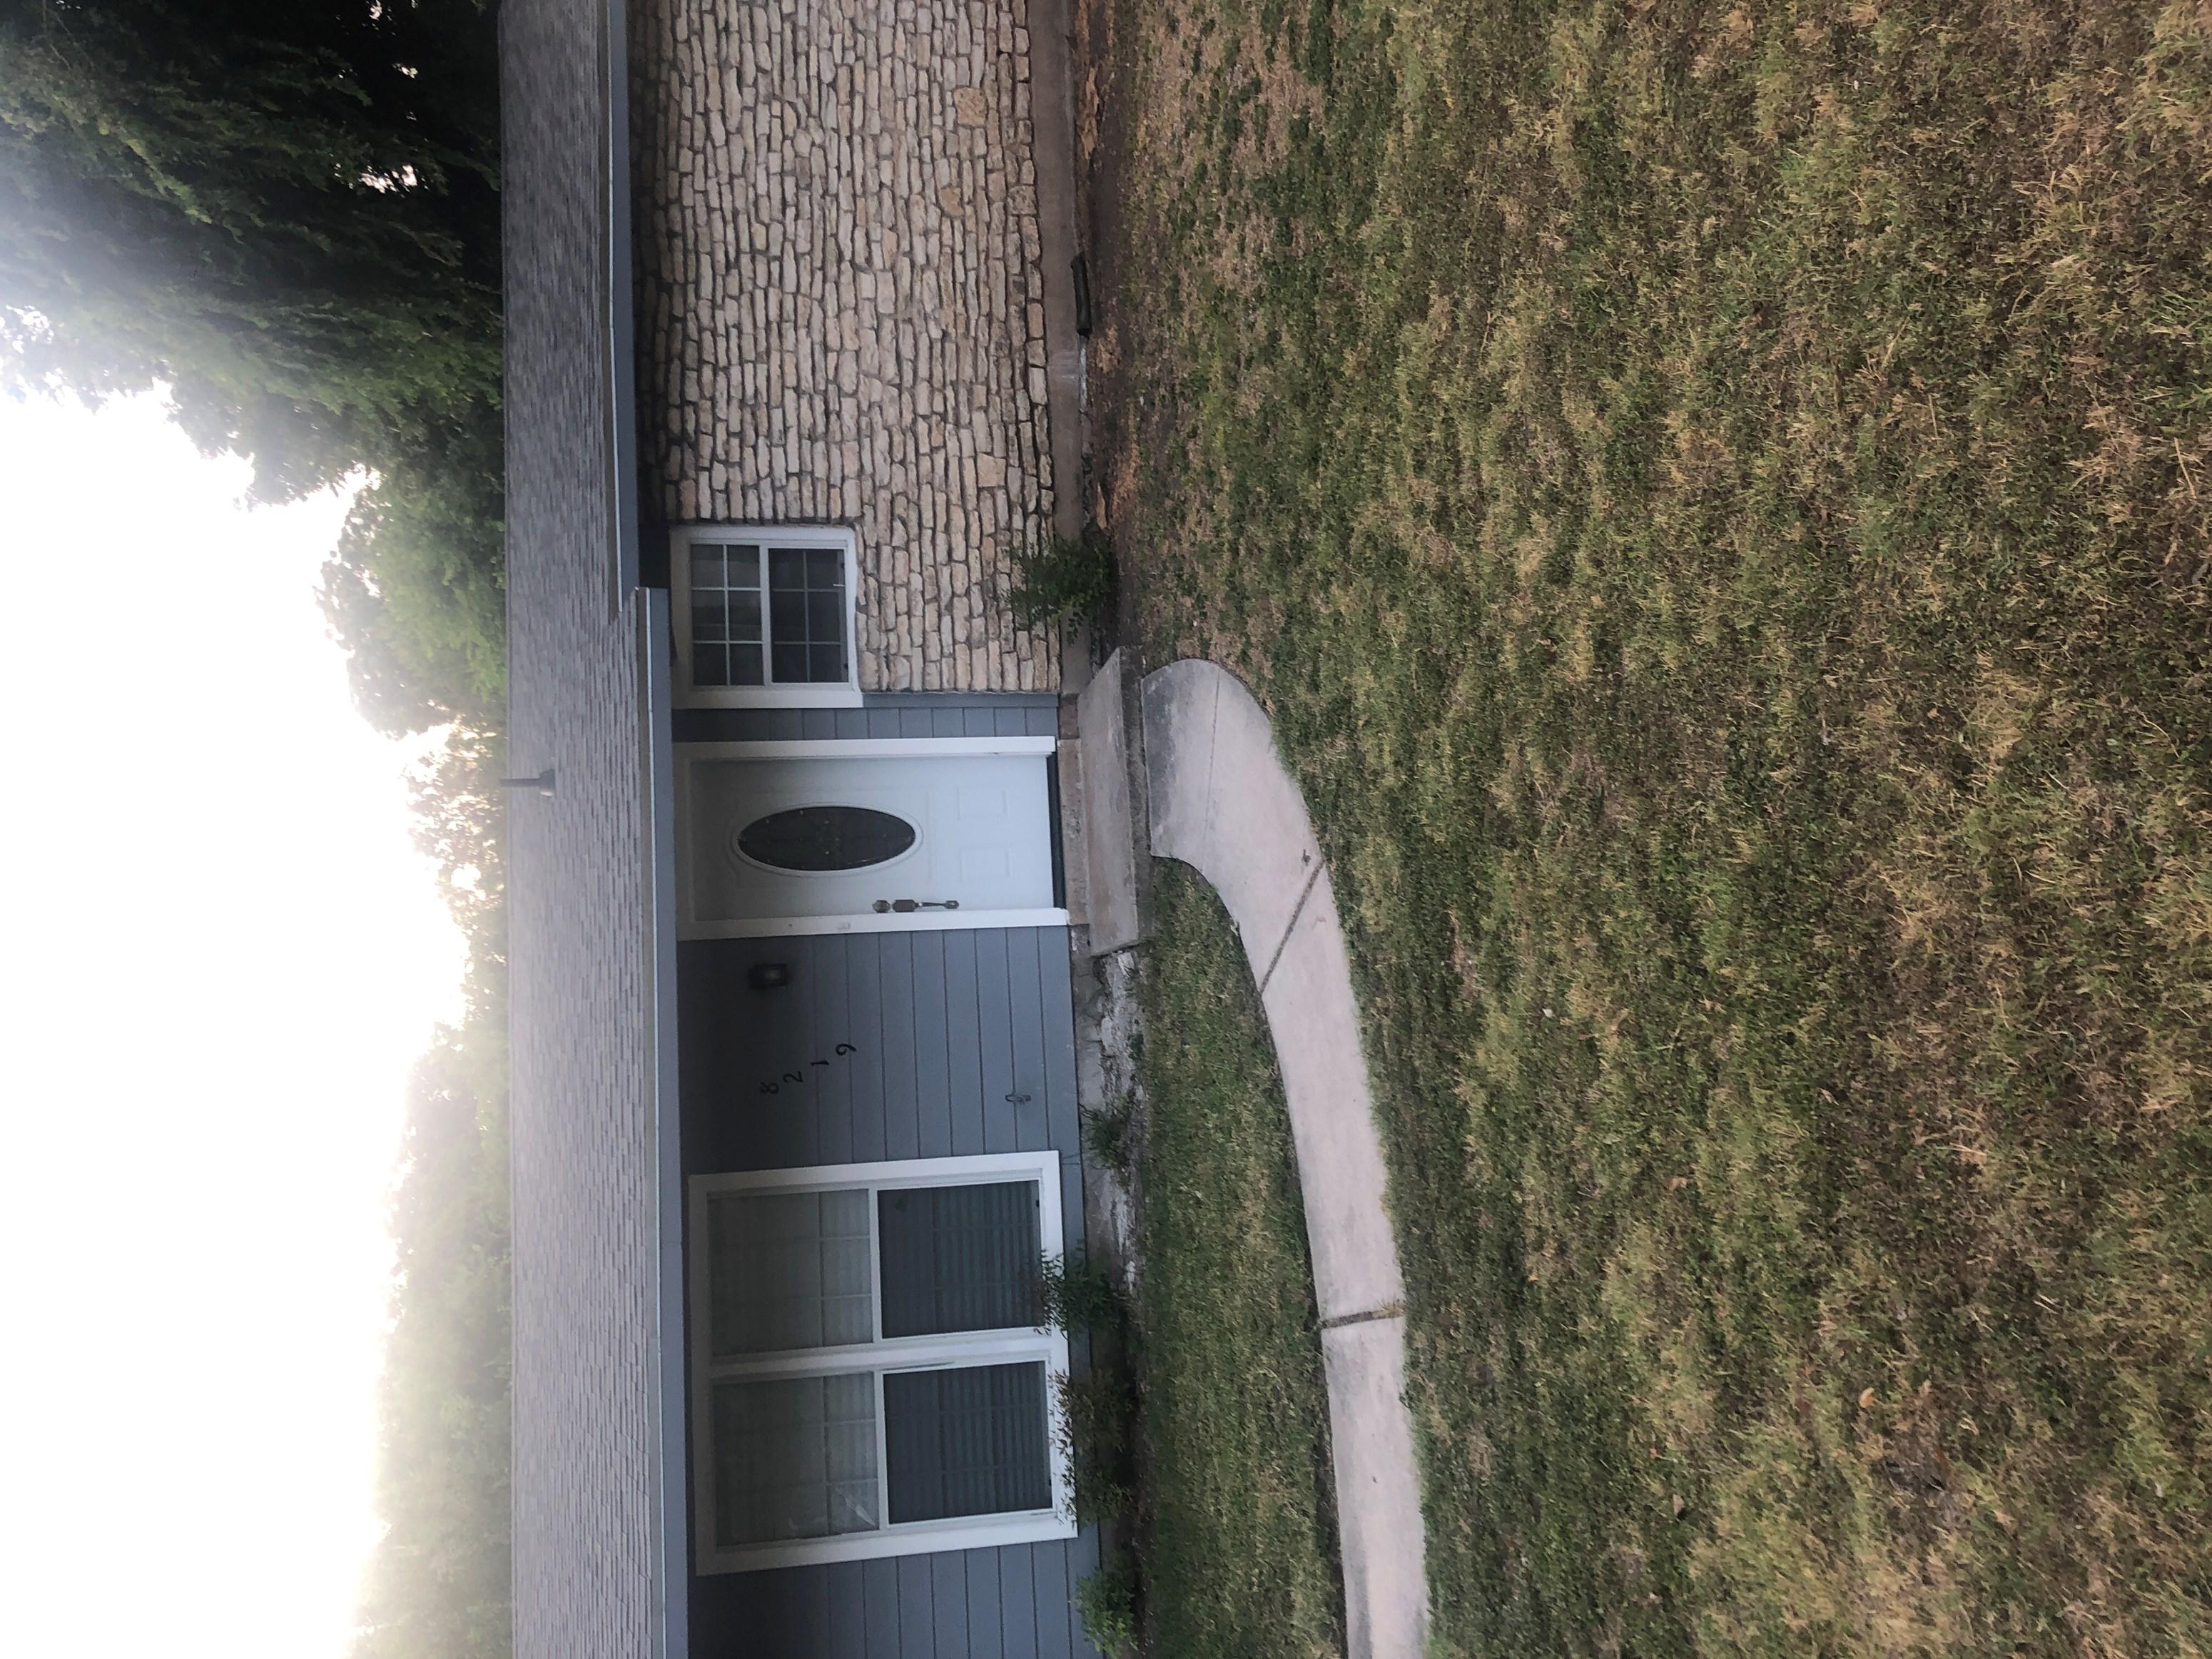 Rooms For Rent in San Antonio TX | 1306679 - Sulekha Roommates